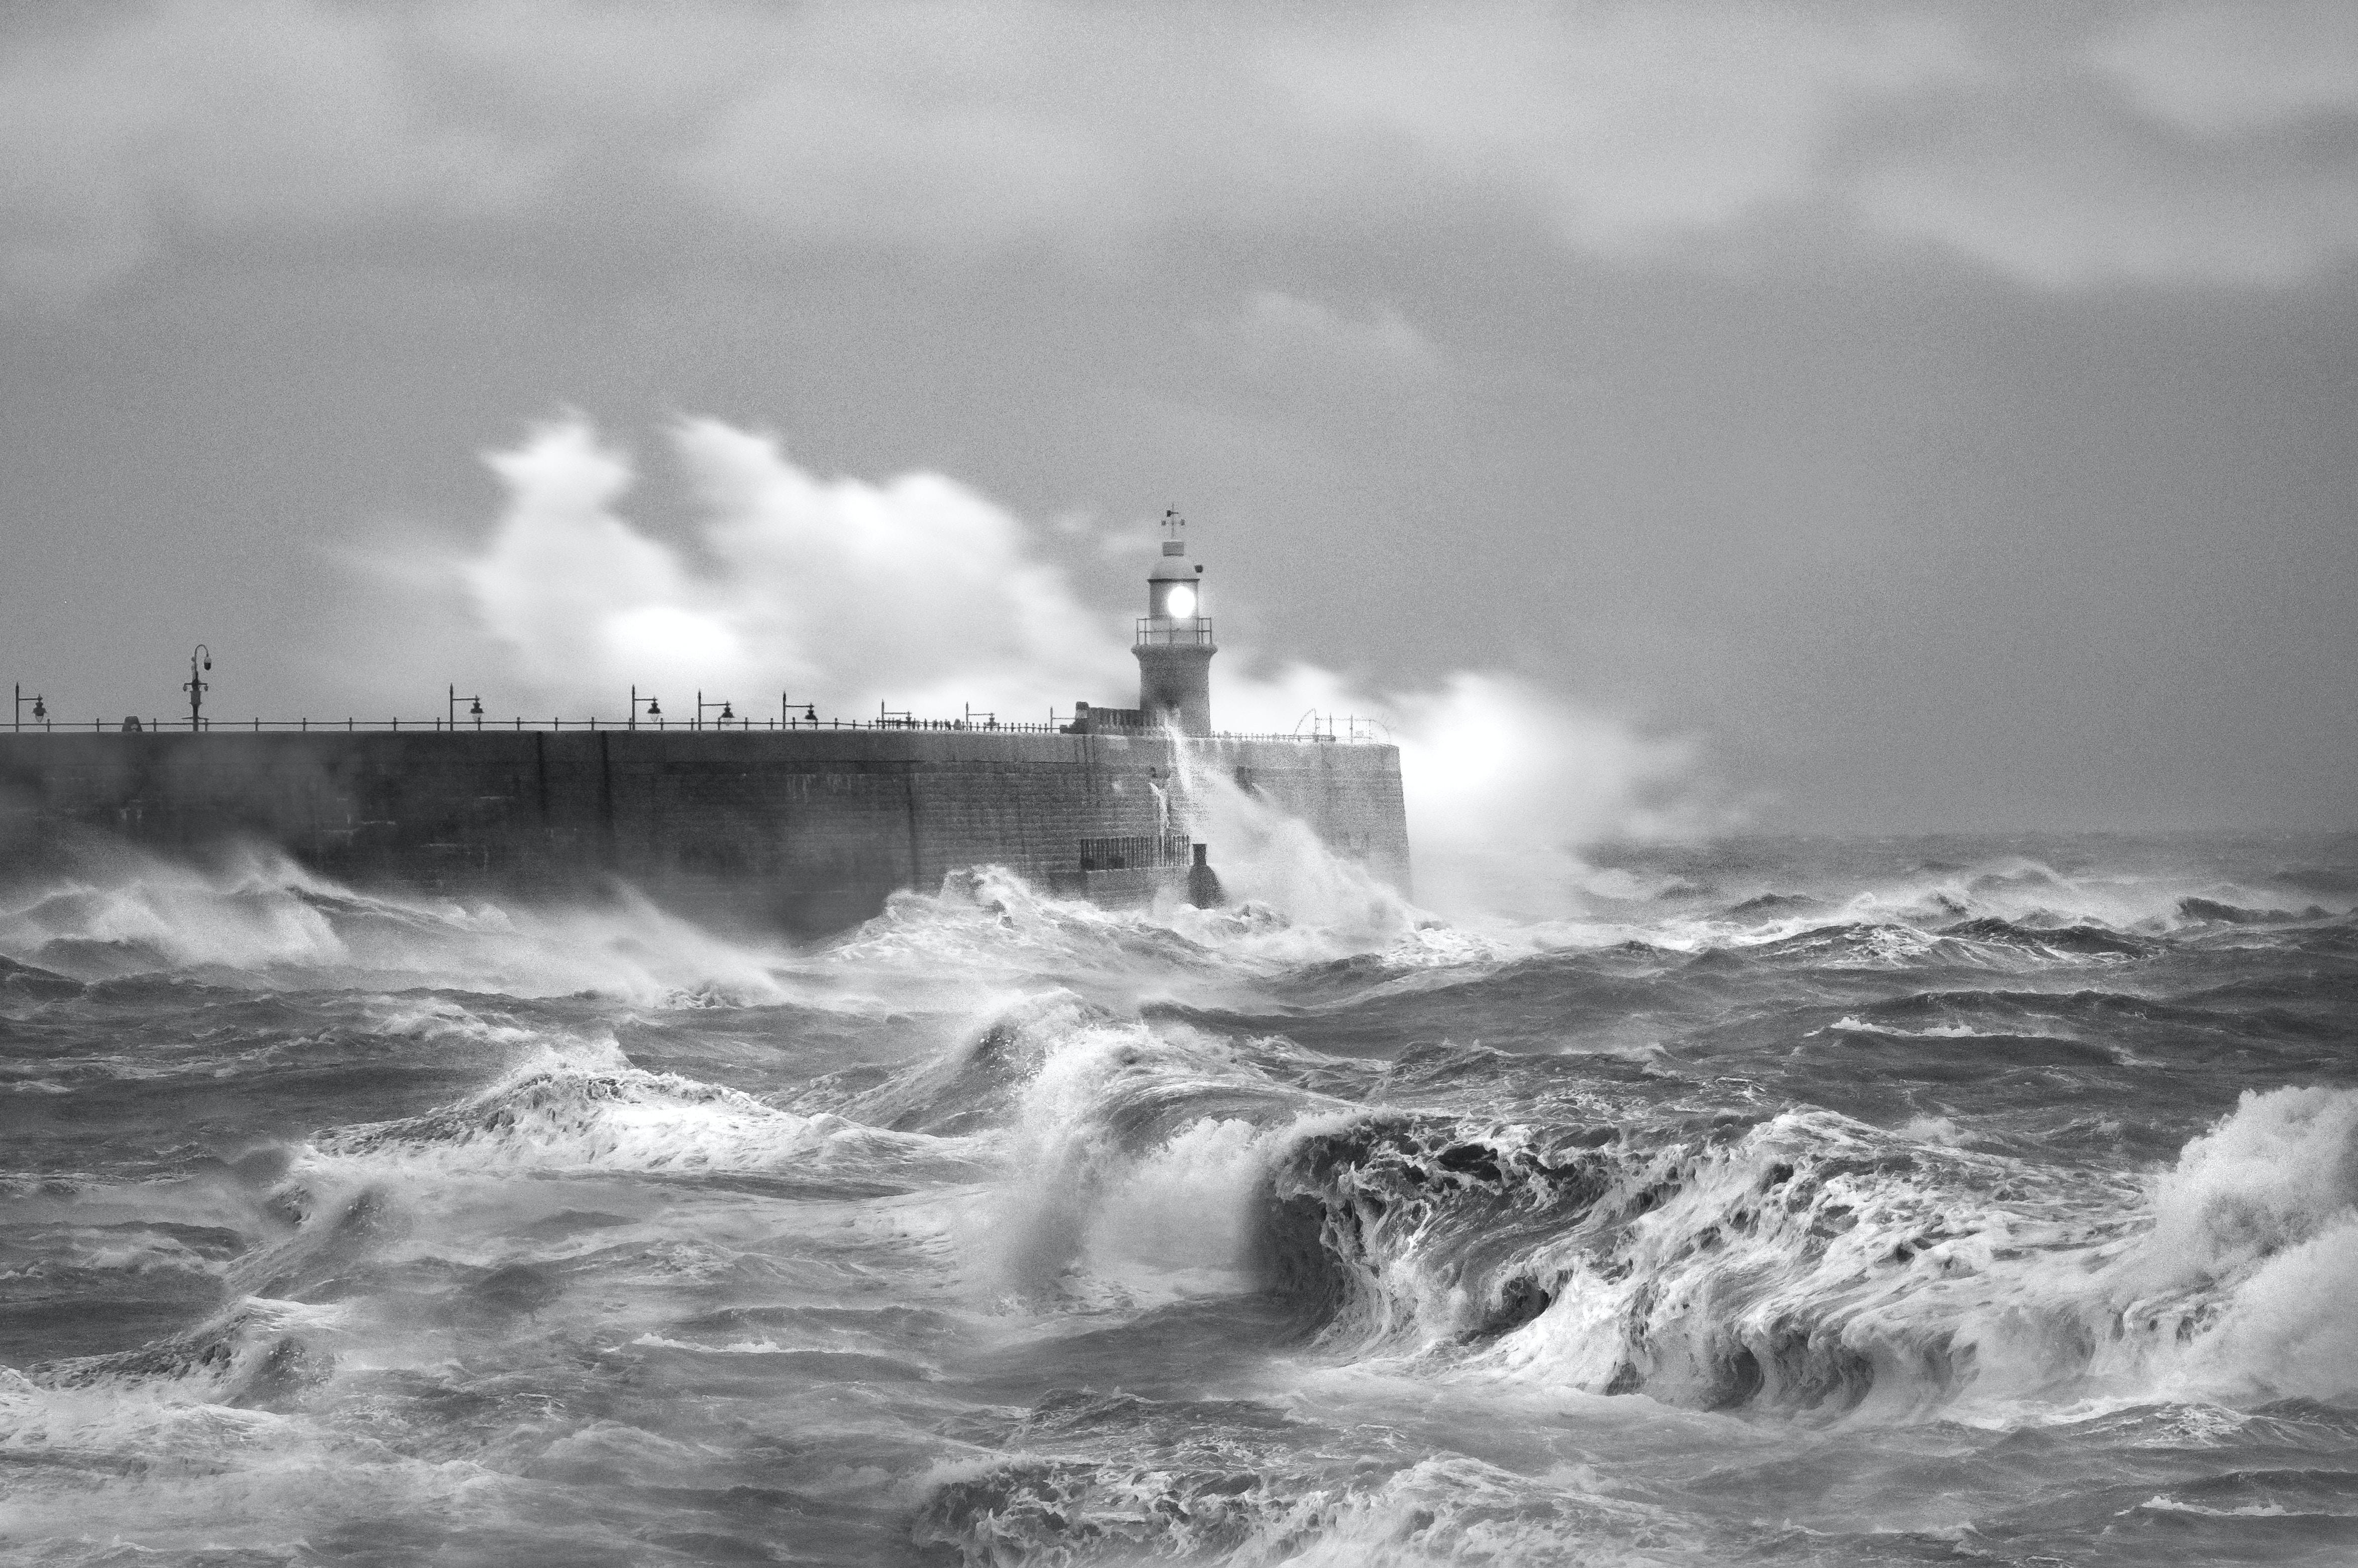 Hurricane Ida Will Impact Supply Chains